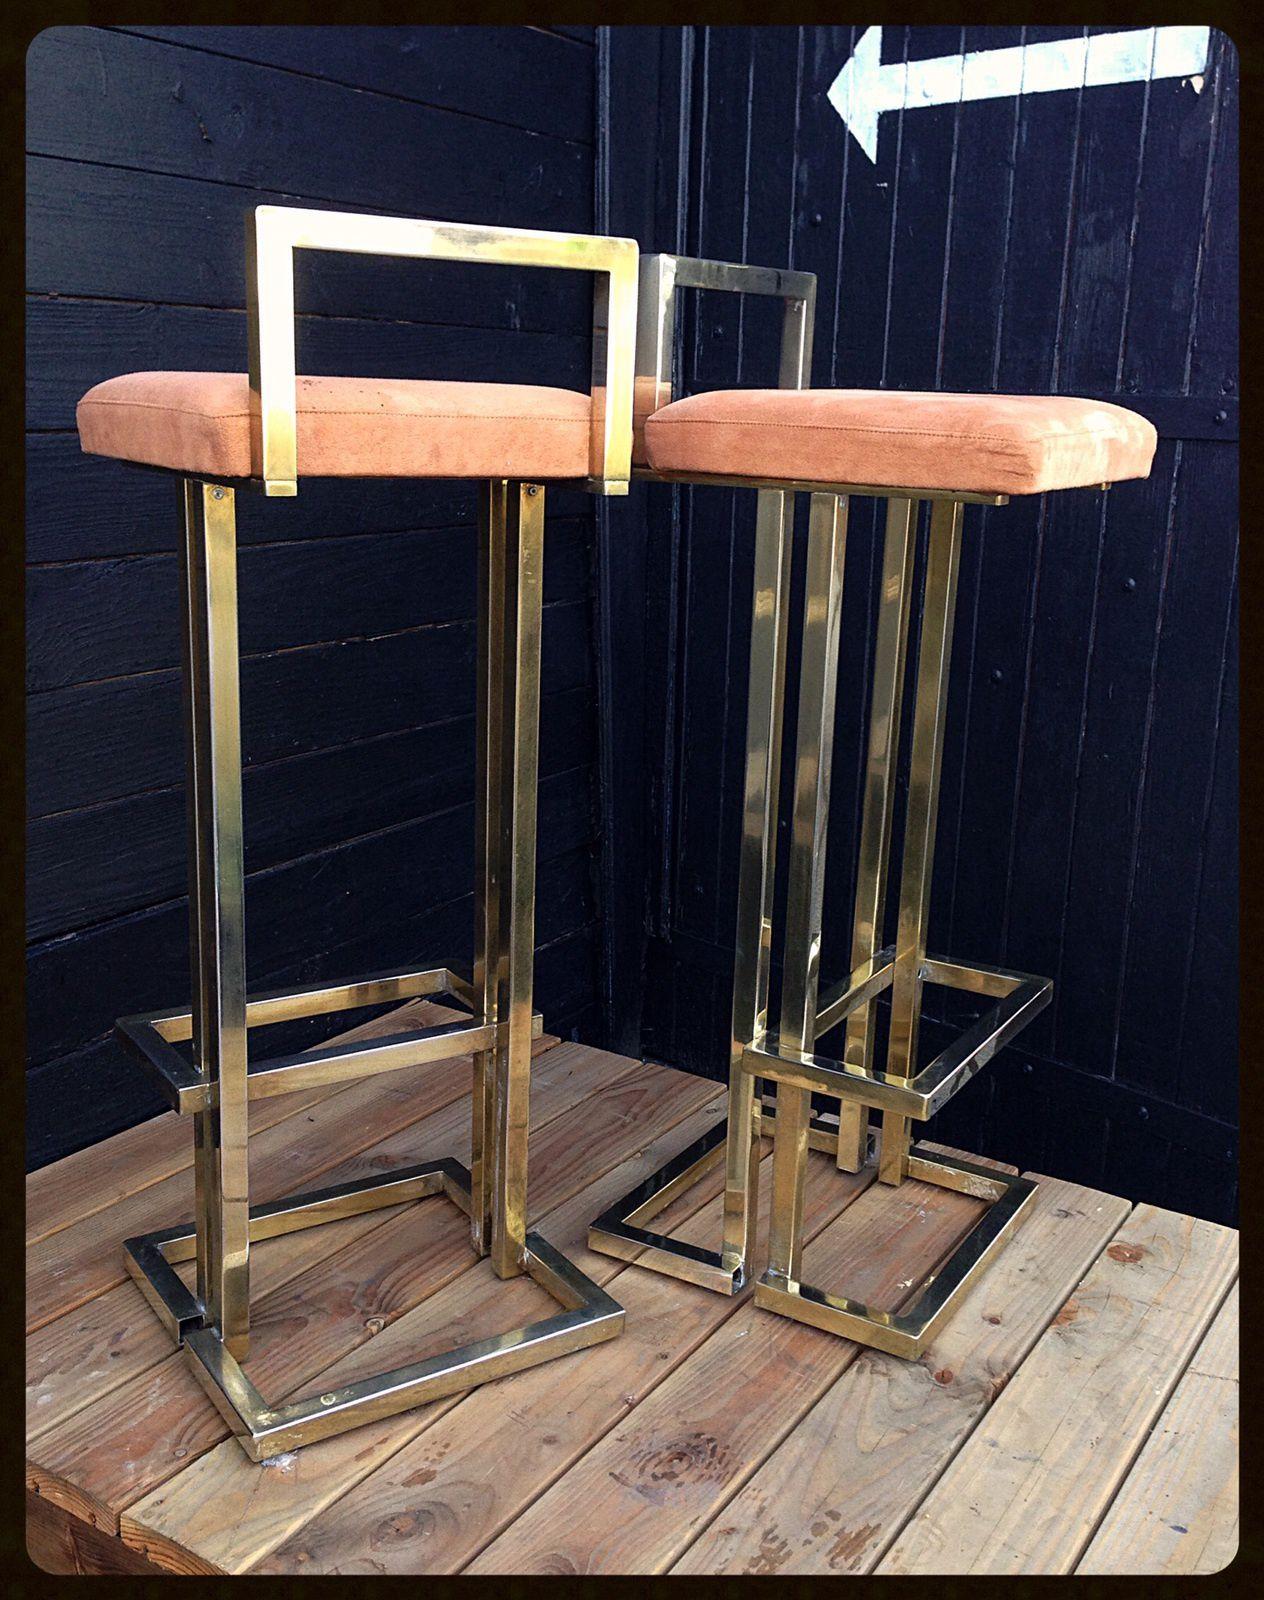 Paire de tabourets maison Roméo dorée à l'or fin 23K Roméo Rega design vintage 20ème antiquité antiquaire Bondues Lille nord france french furniture